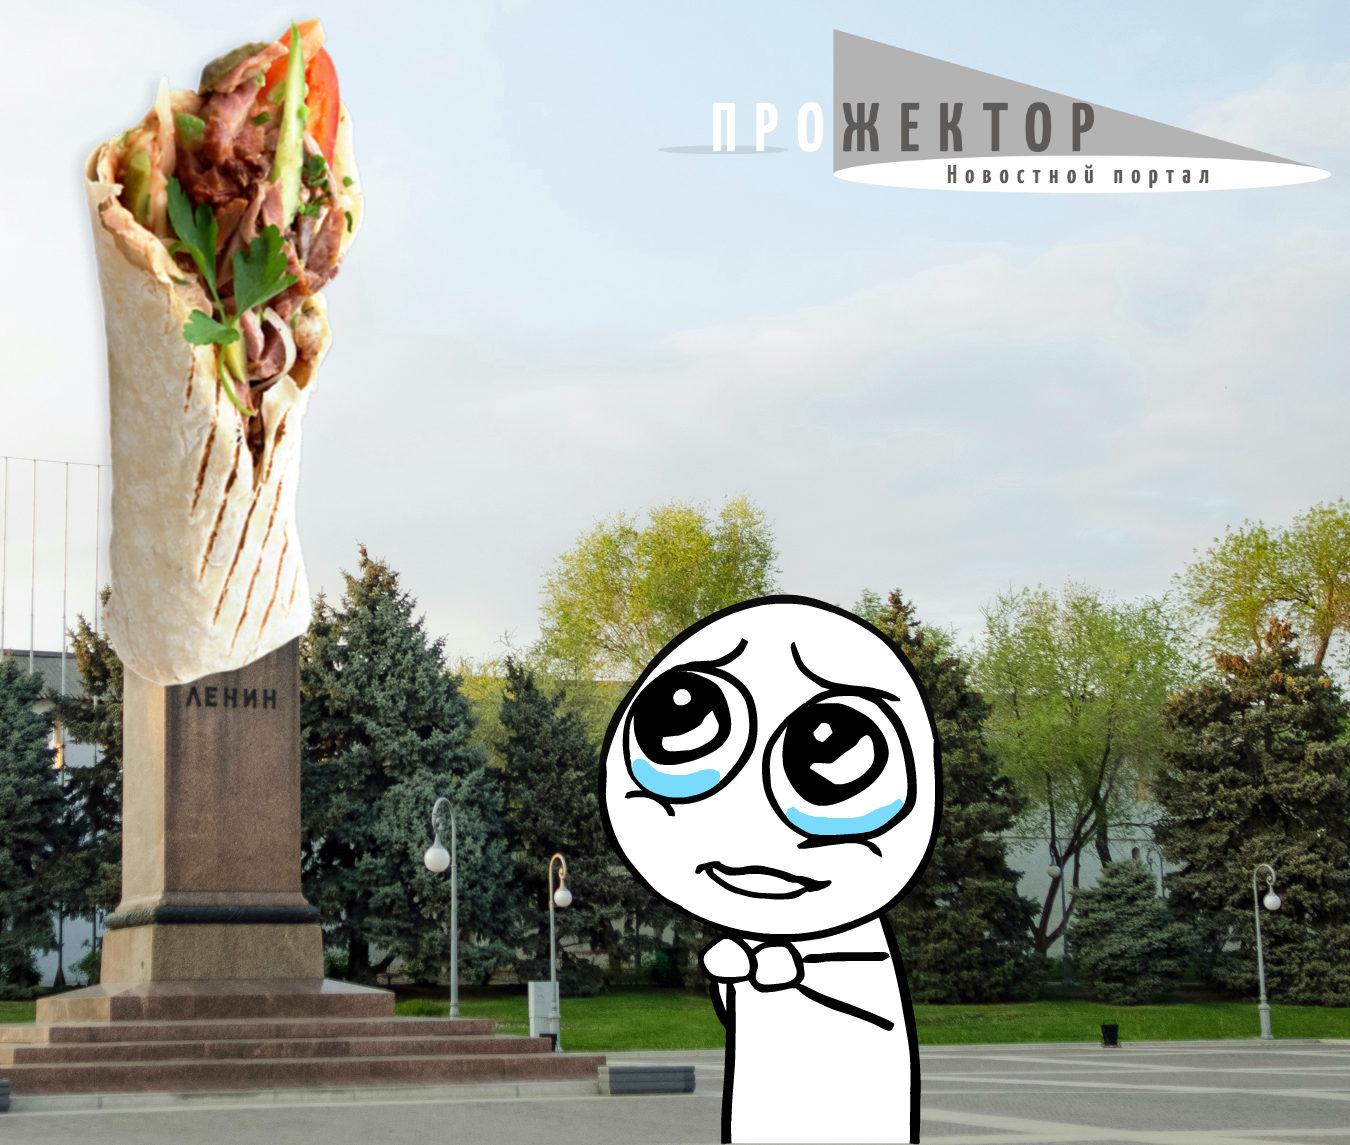 Ошаурмительная восьмёрка: «Прожектор» в поисках самой оригинальной шавермы Астрахани